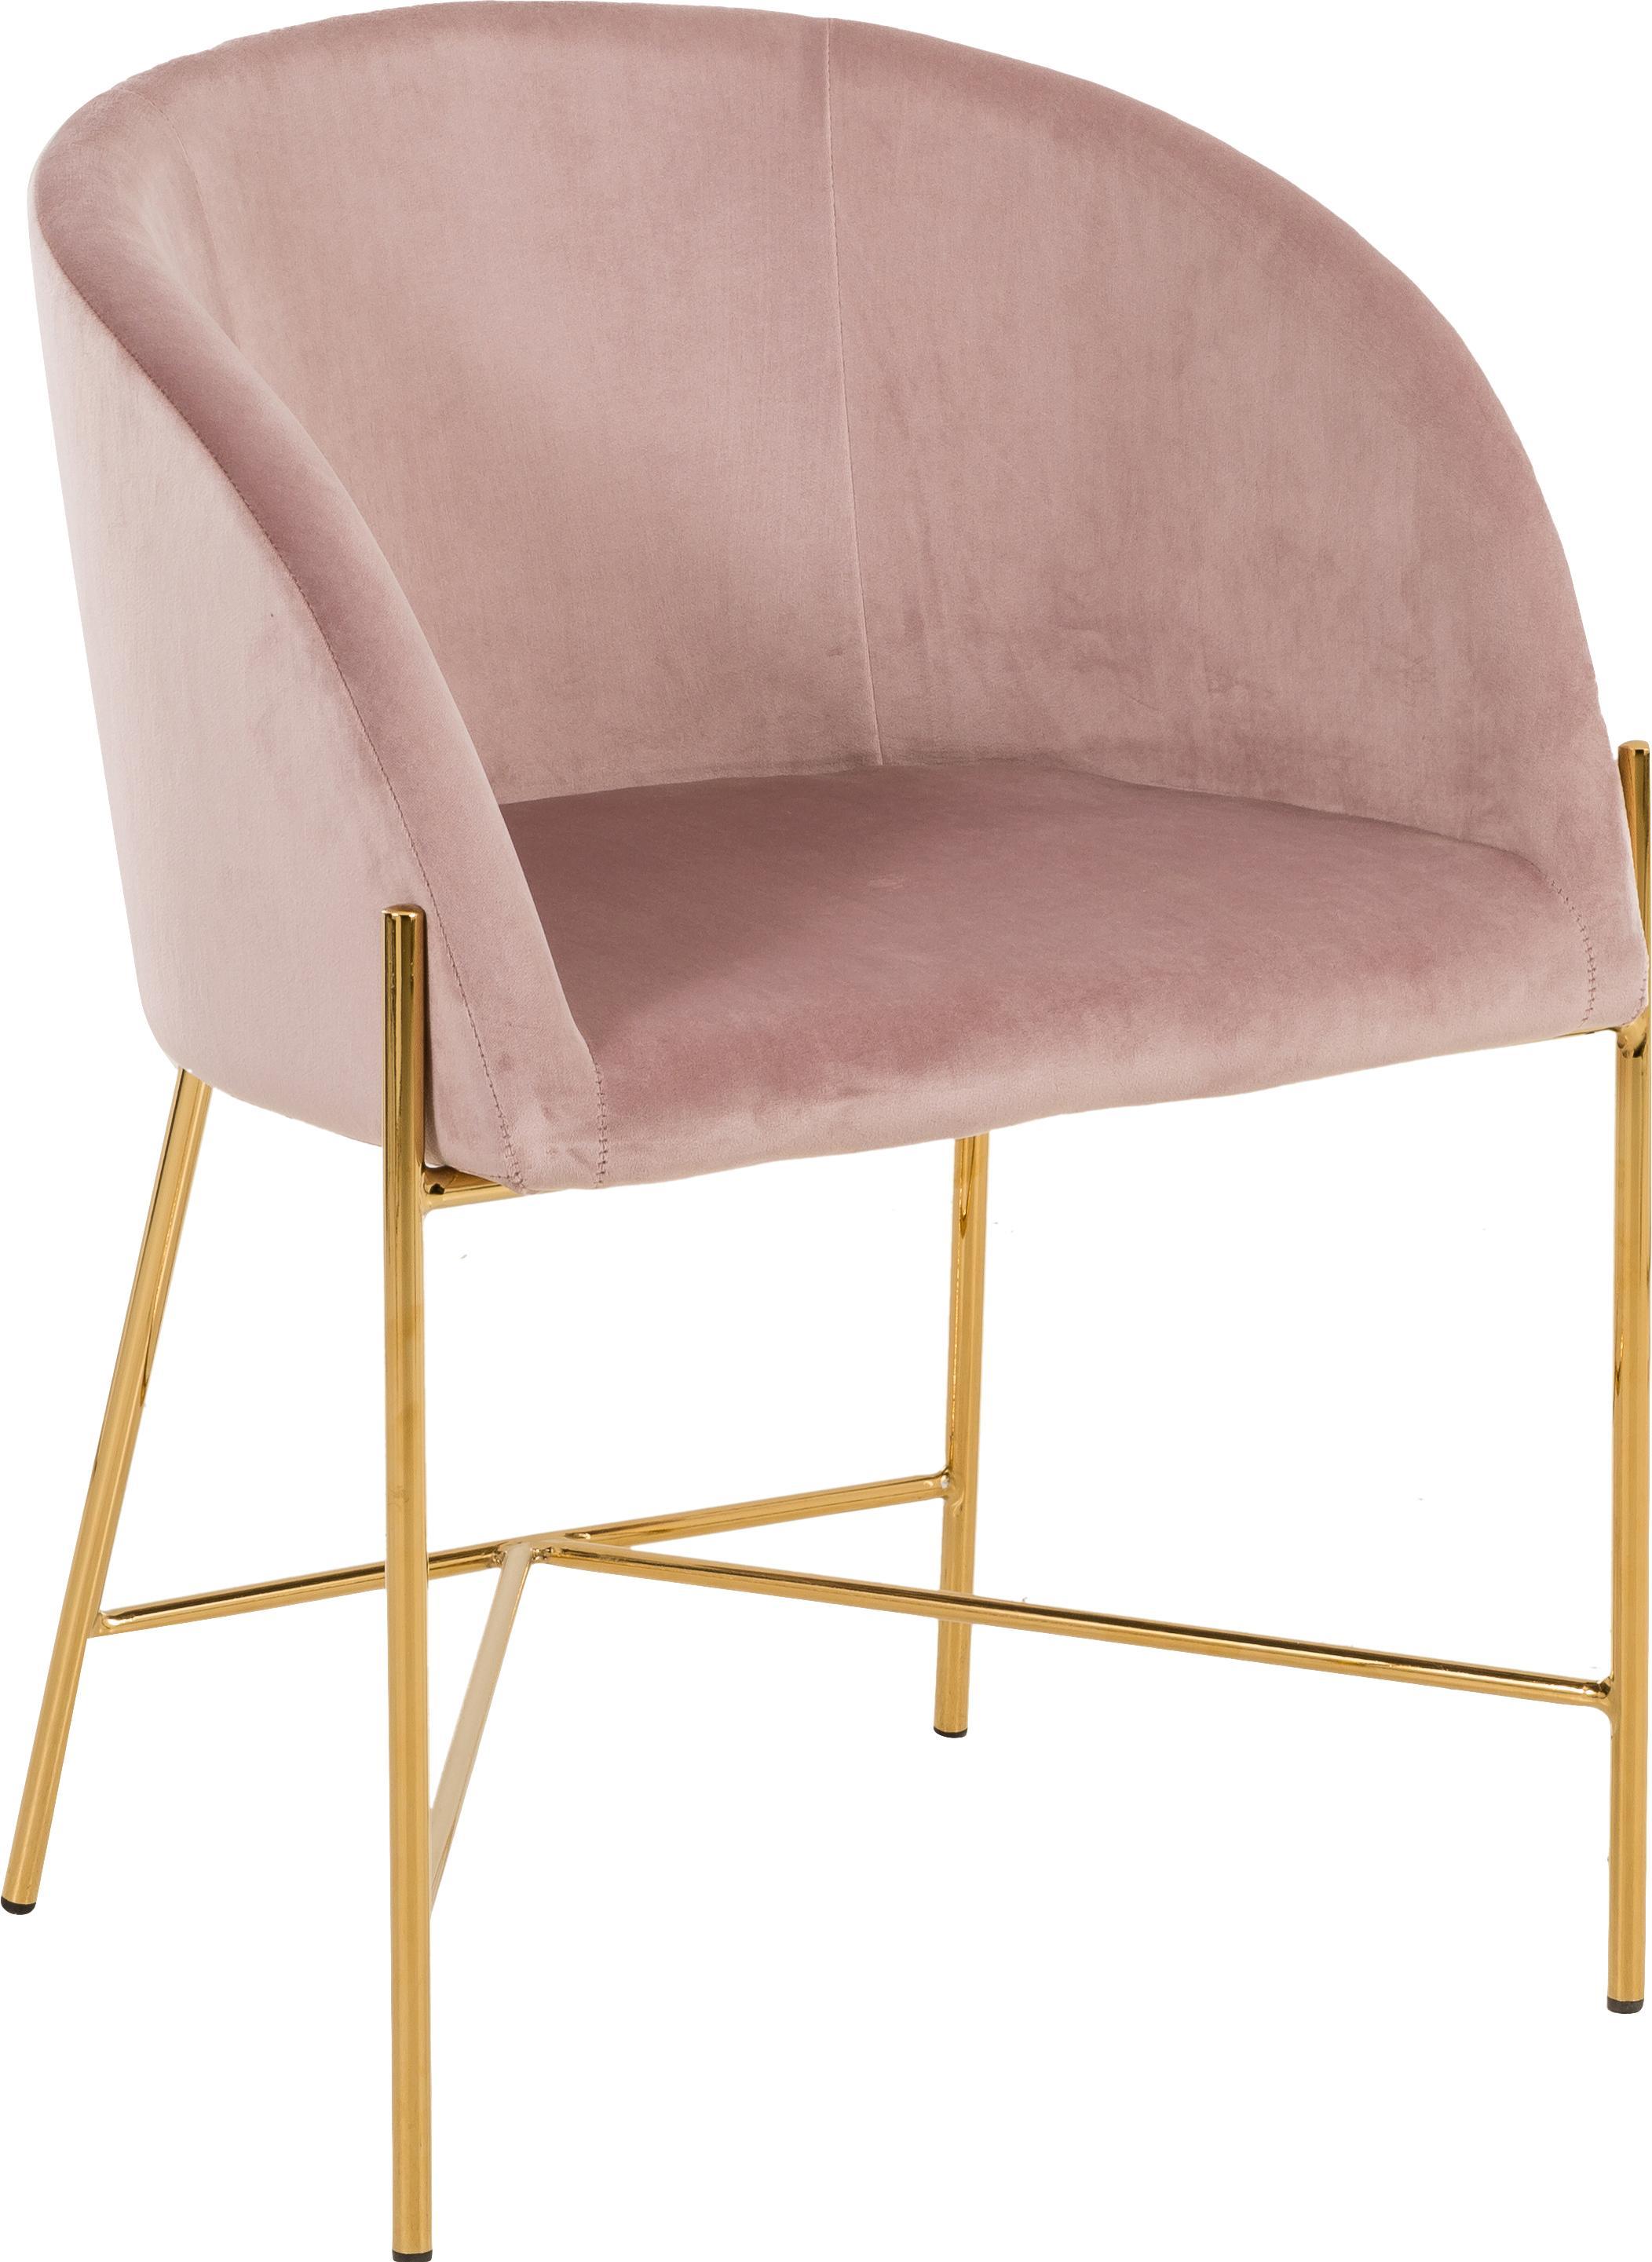 Sedia con braccioli in velluto Nelson, Rivestimento: velluto di poliestere 25., Gambe: metallo ottonato, Rosa cipria, Larg. 56 x Prof. 55 cm